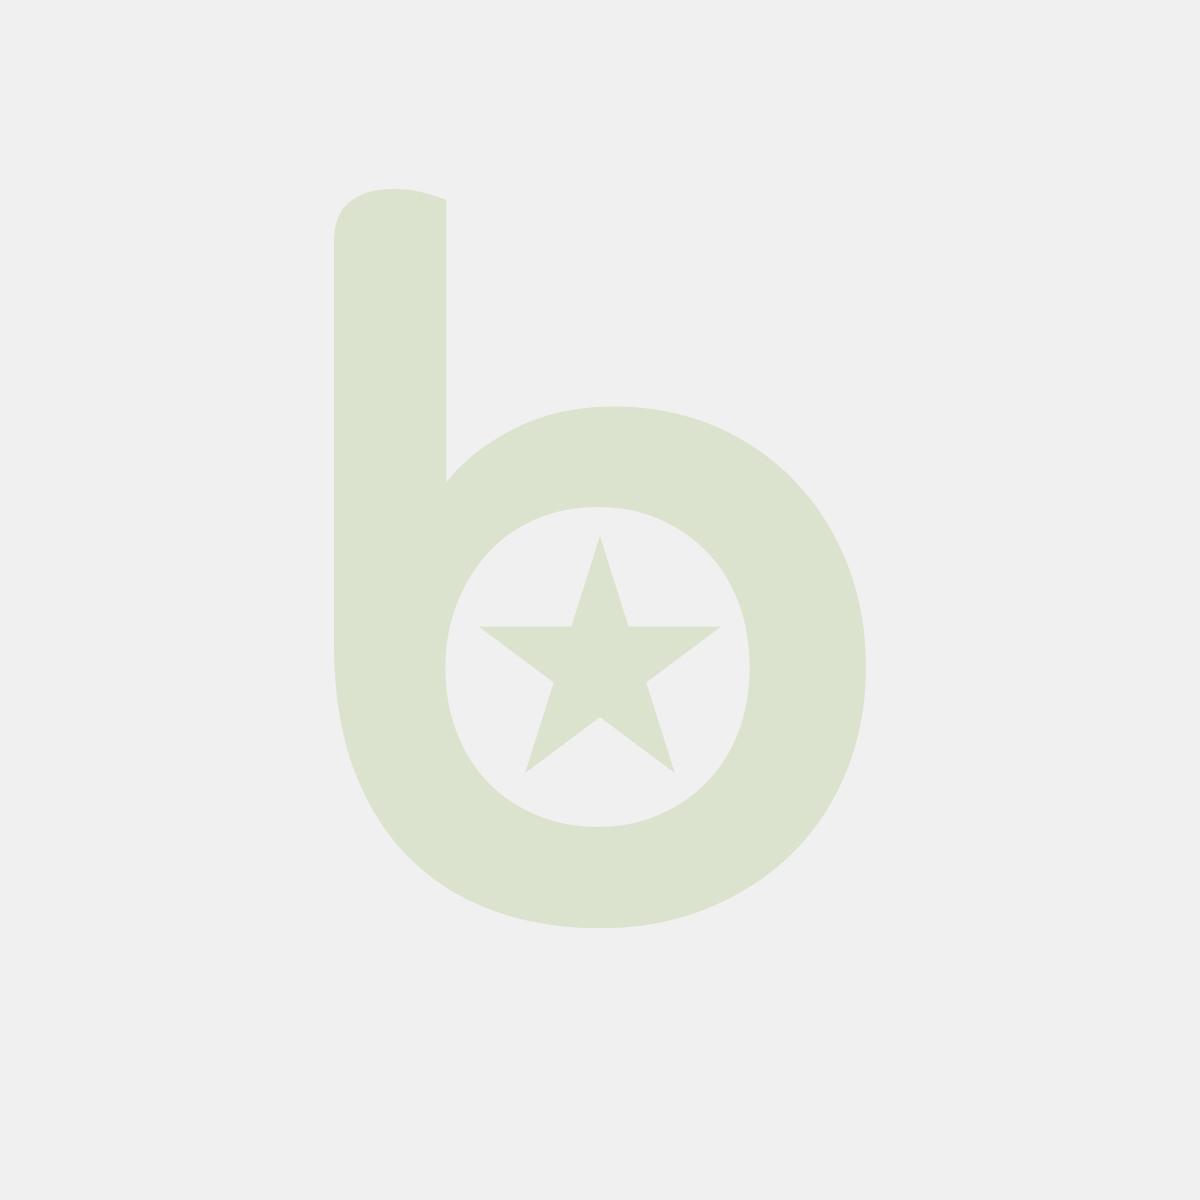 Miska kamieniopodobna 22x15x4,7cm czarna z melaminy